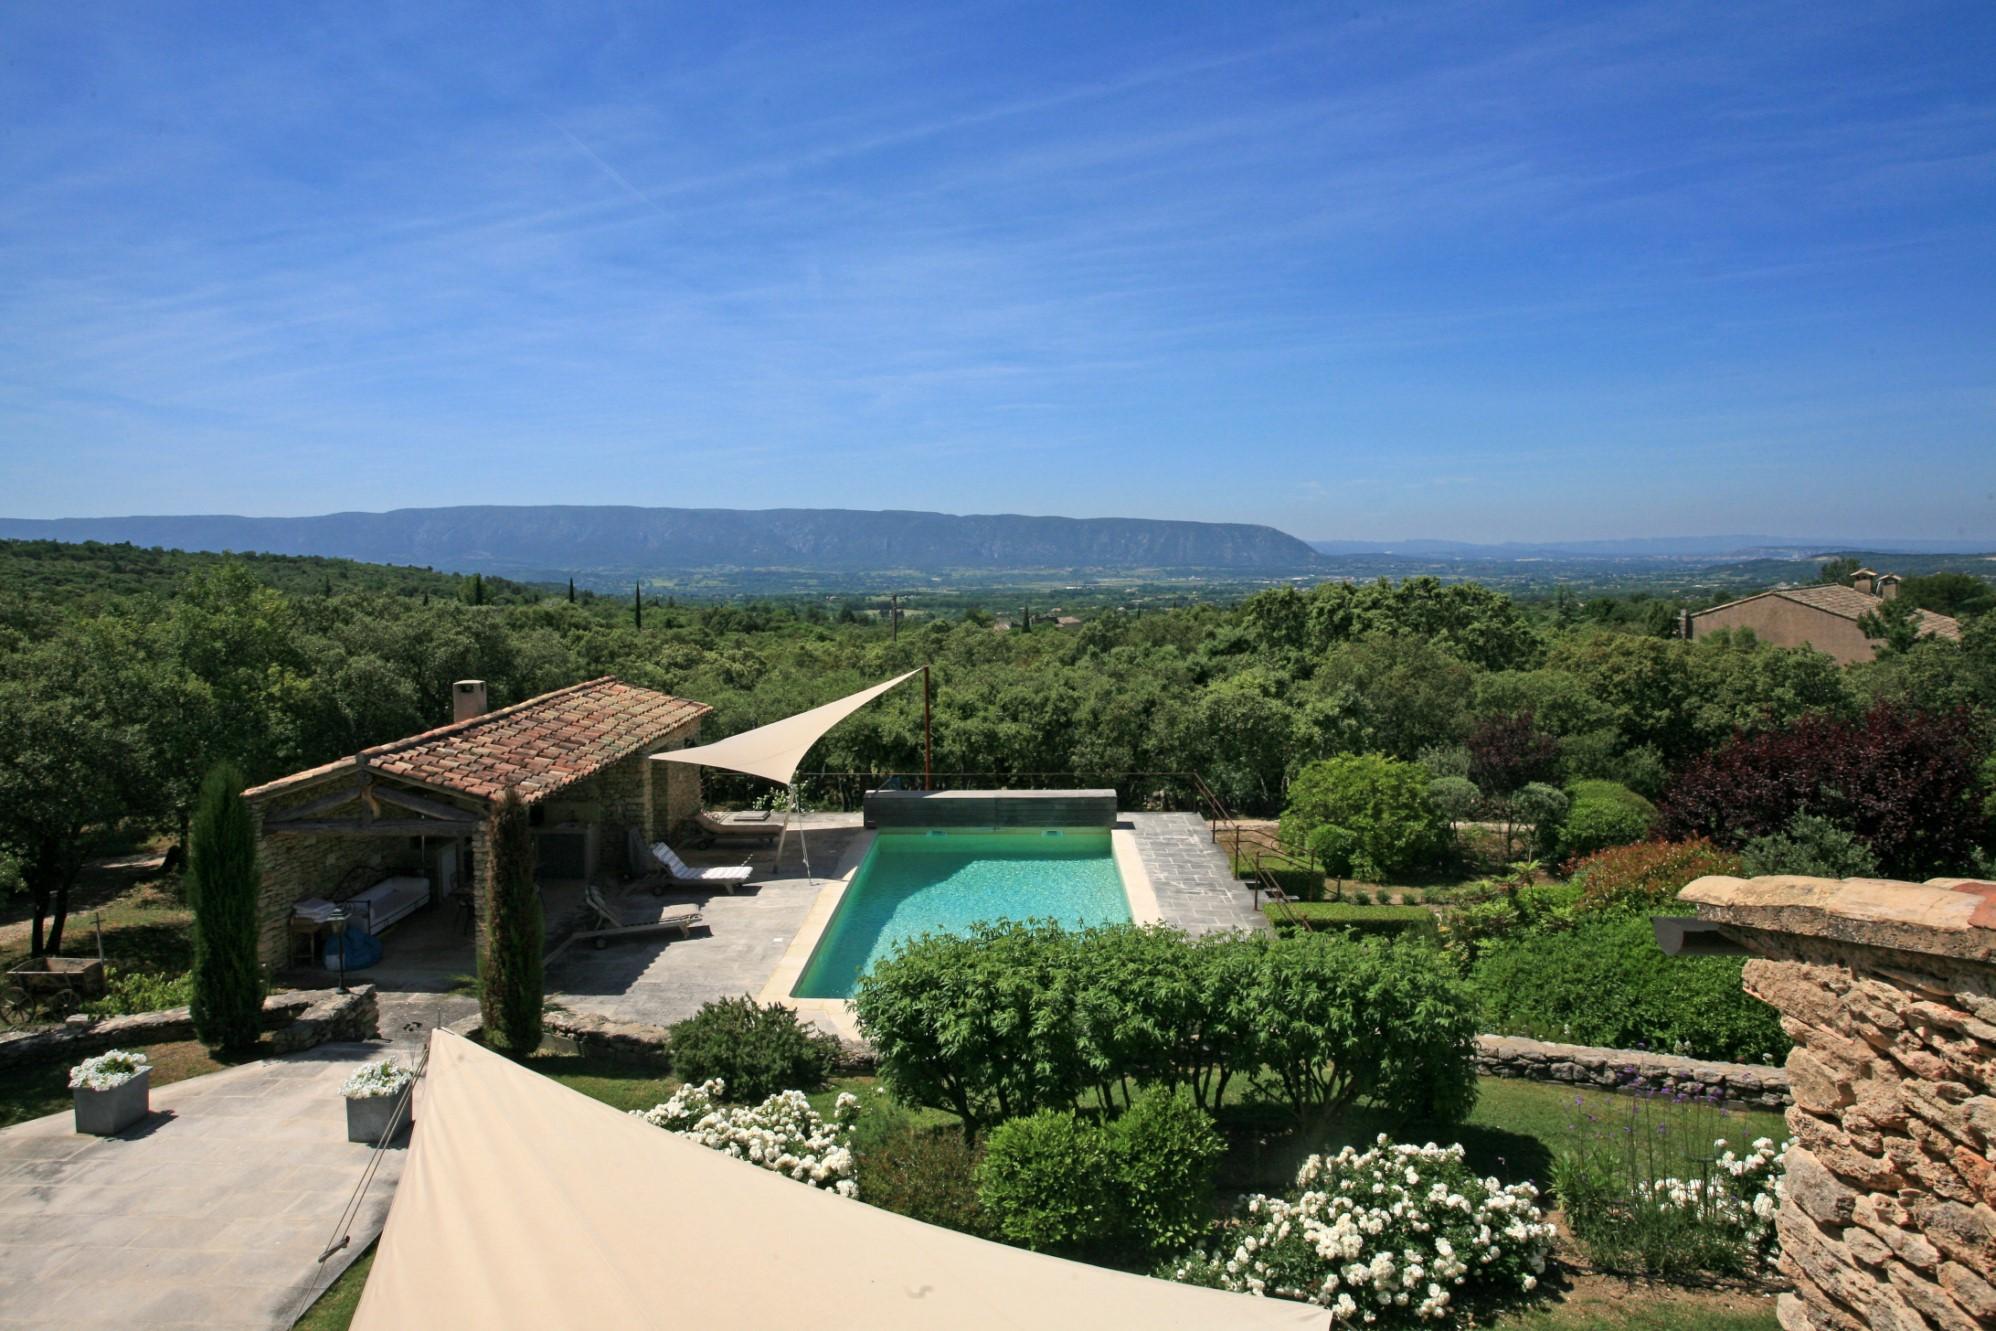 Maison avec piscine et vue sur le Luberon et les Alpilles à vendre en Provence